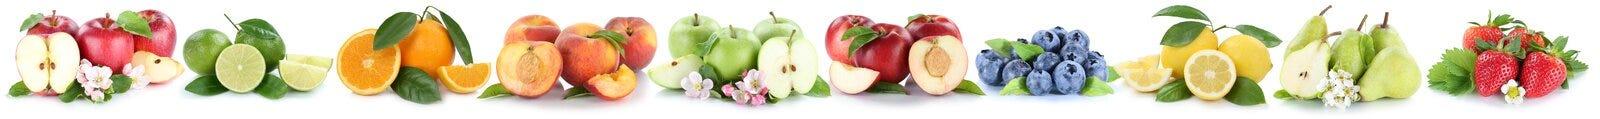 Dan fruto las manzanas anaranjadas de la manzana que dan fruto las naranjas en fila aislado en wh Imagen de archivo libre de regalías